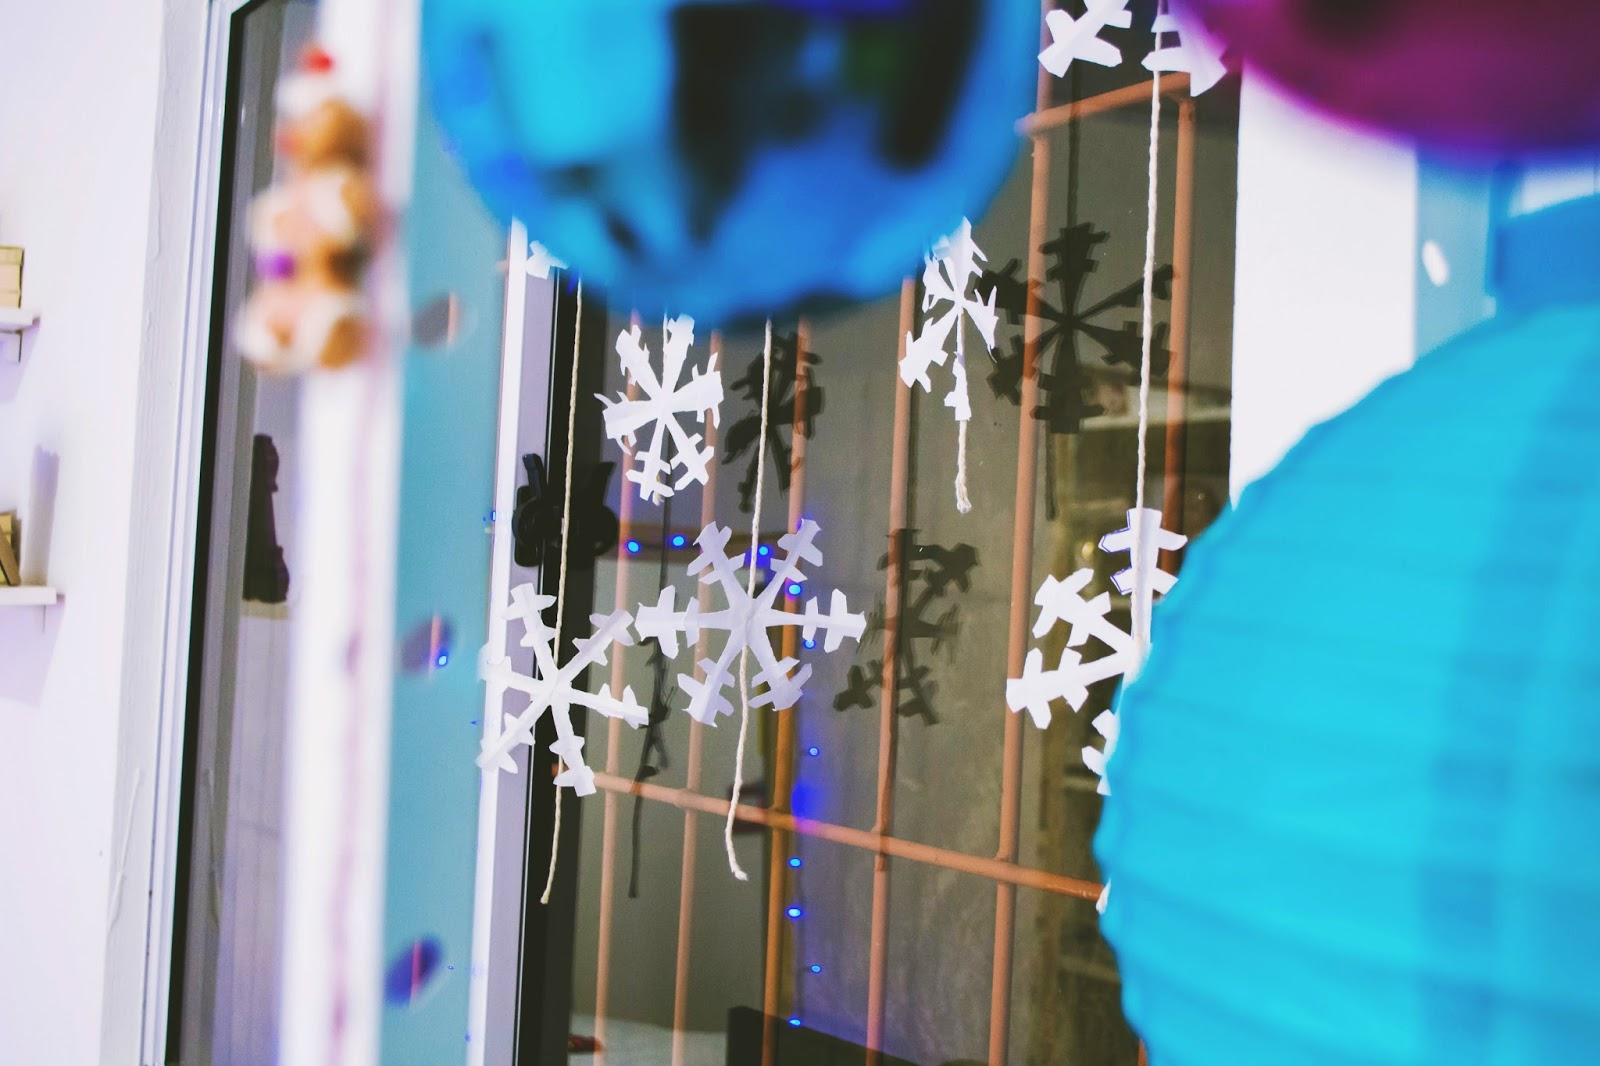 Decorando o quarto para o Natal 2016 Ideias e inspiração com Pisca pisca, cortina de neve e mais